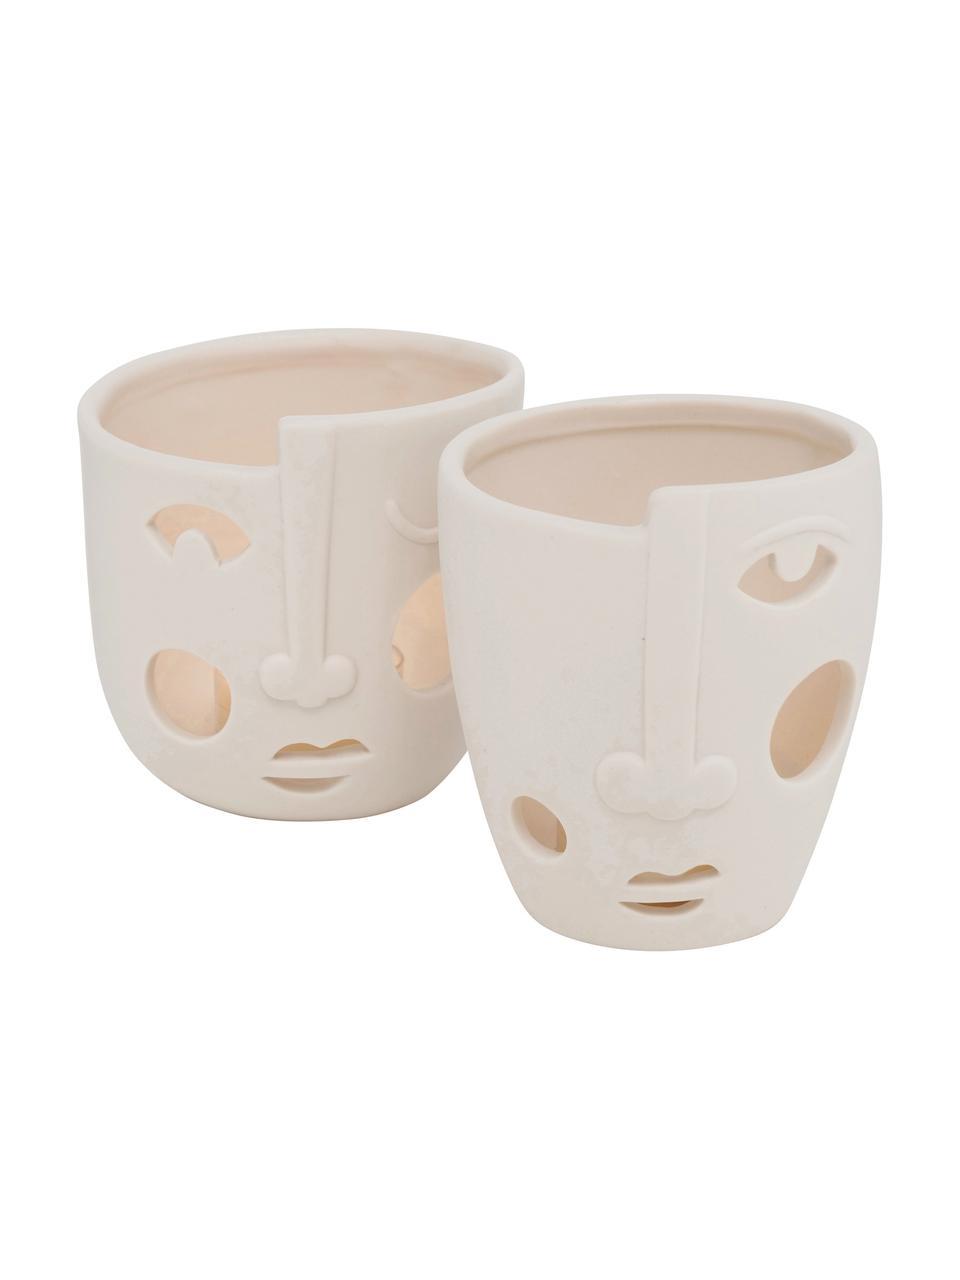 Teelichthalter-Set Faces, 2-tlg., Porzellan, Cremeweiß, Ø 9 x 9 cm